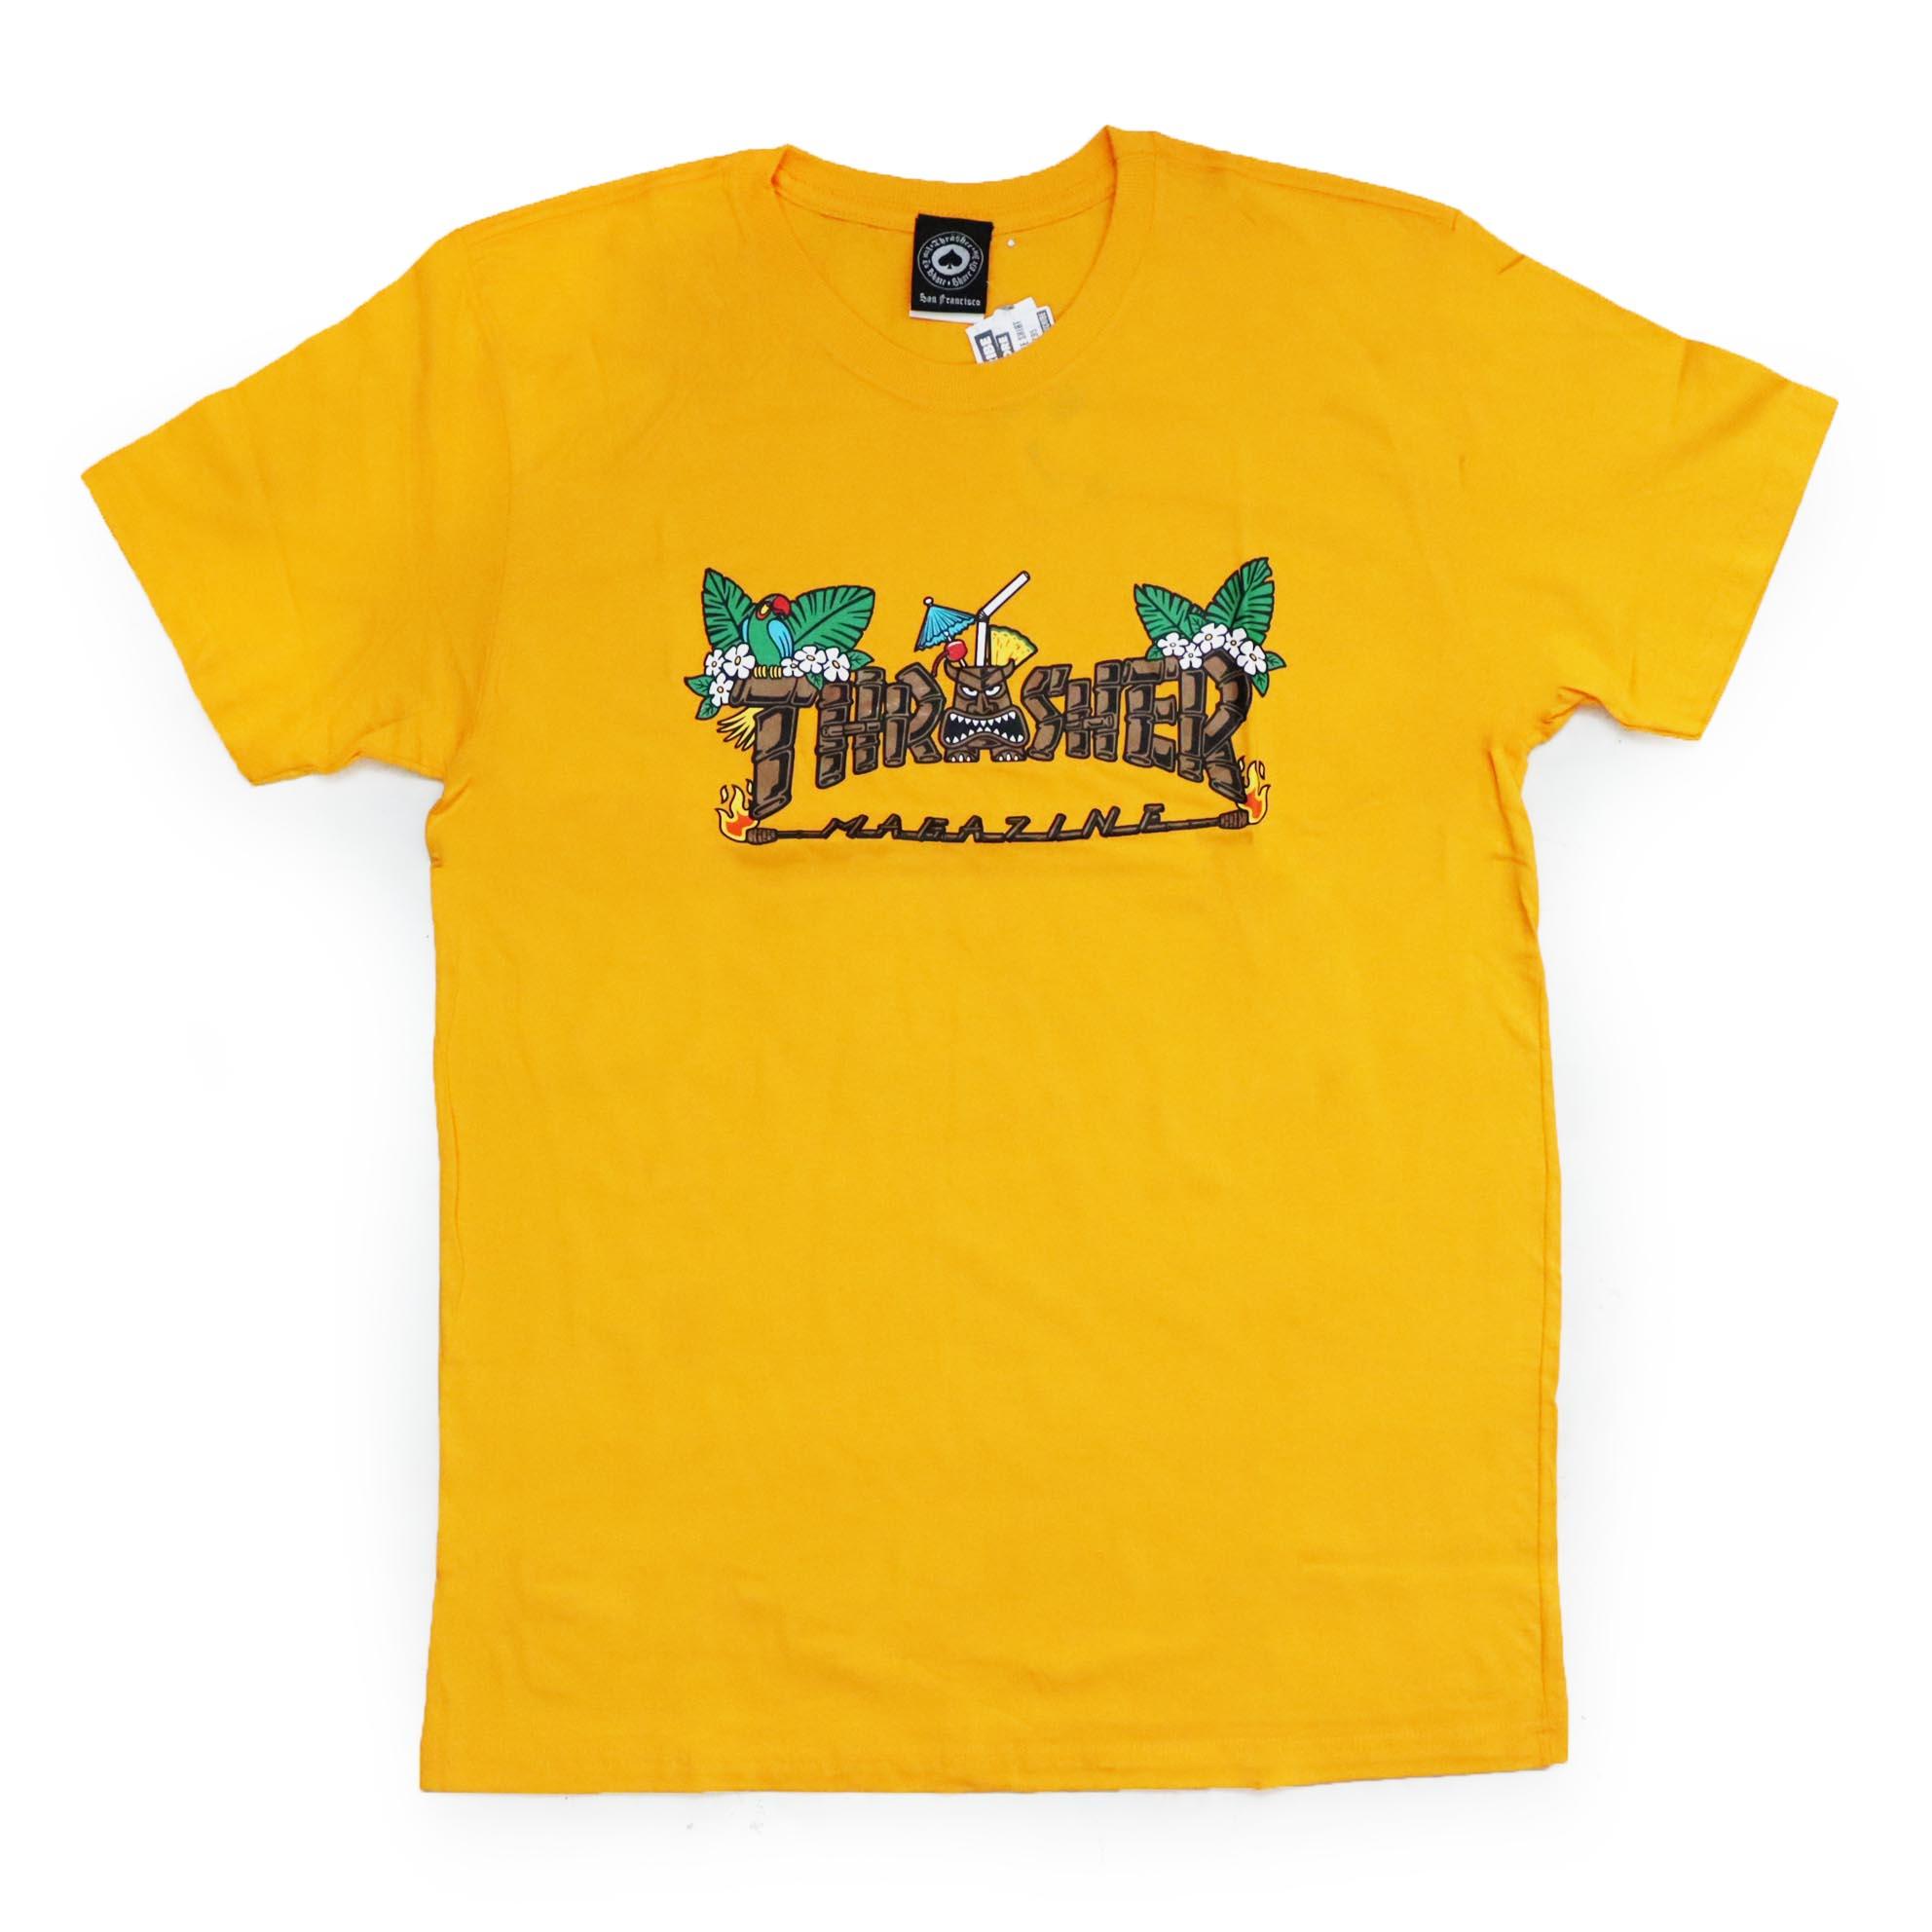 Camiseta Thrasher Magazine Tiki - Amarelo